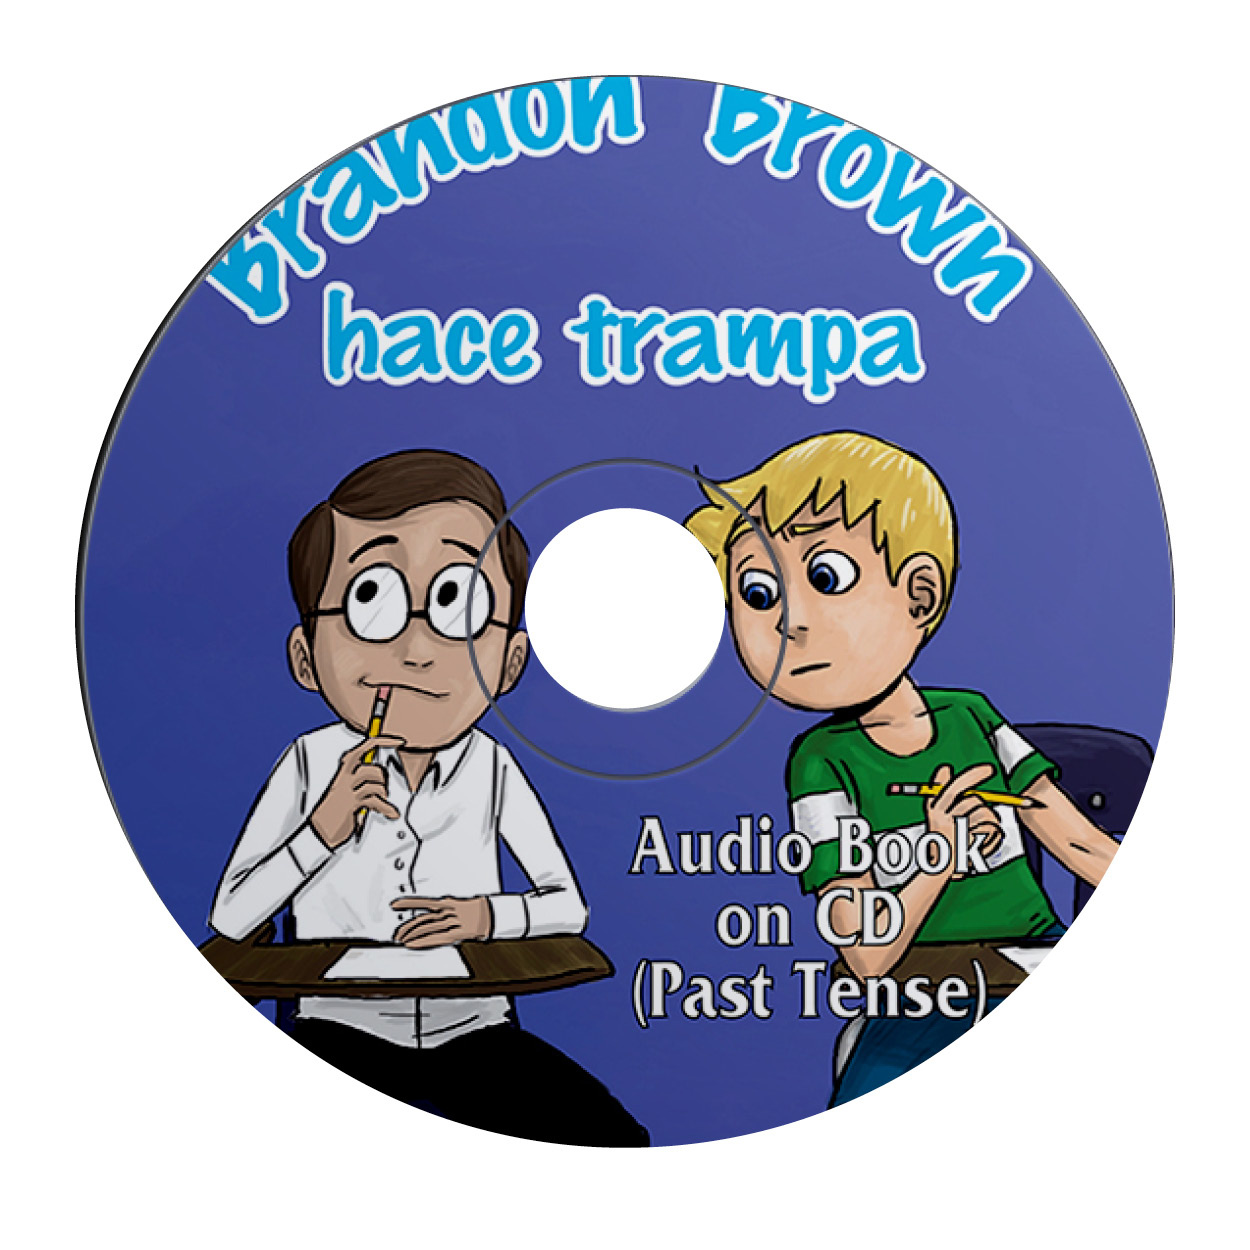 Brandon Brown hace trampa - Luisterboek